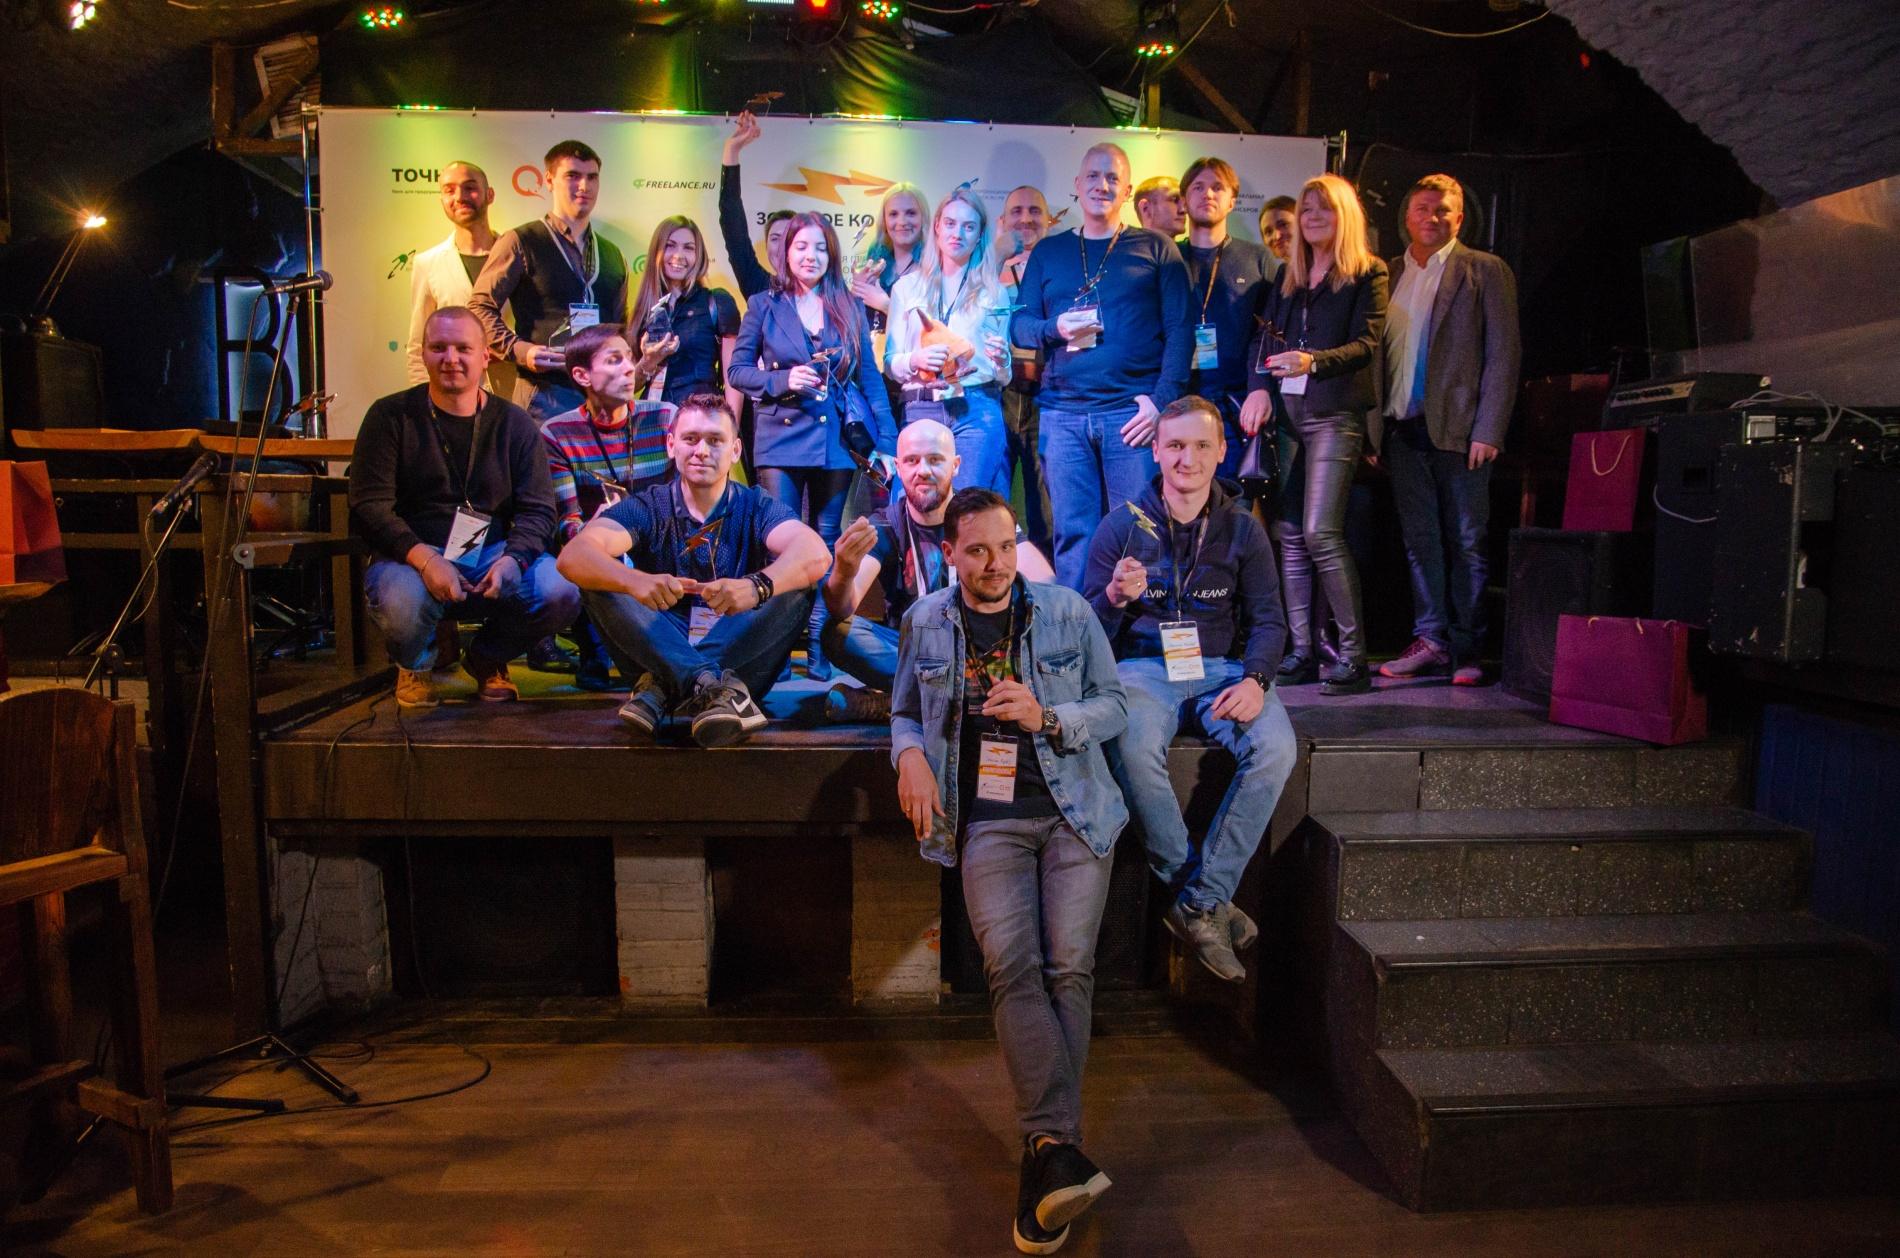 В Москве прошла  церемония подведения итогов и награждения лауреатов второй Премии фрилансеров «Золотое Копье».